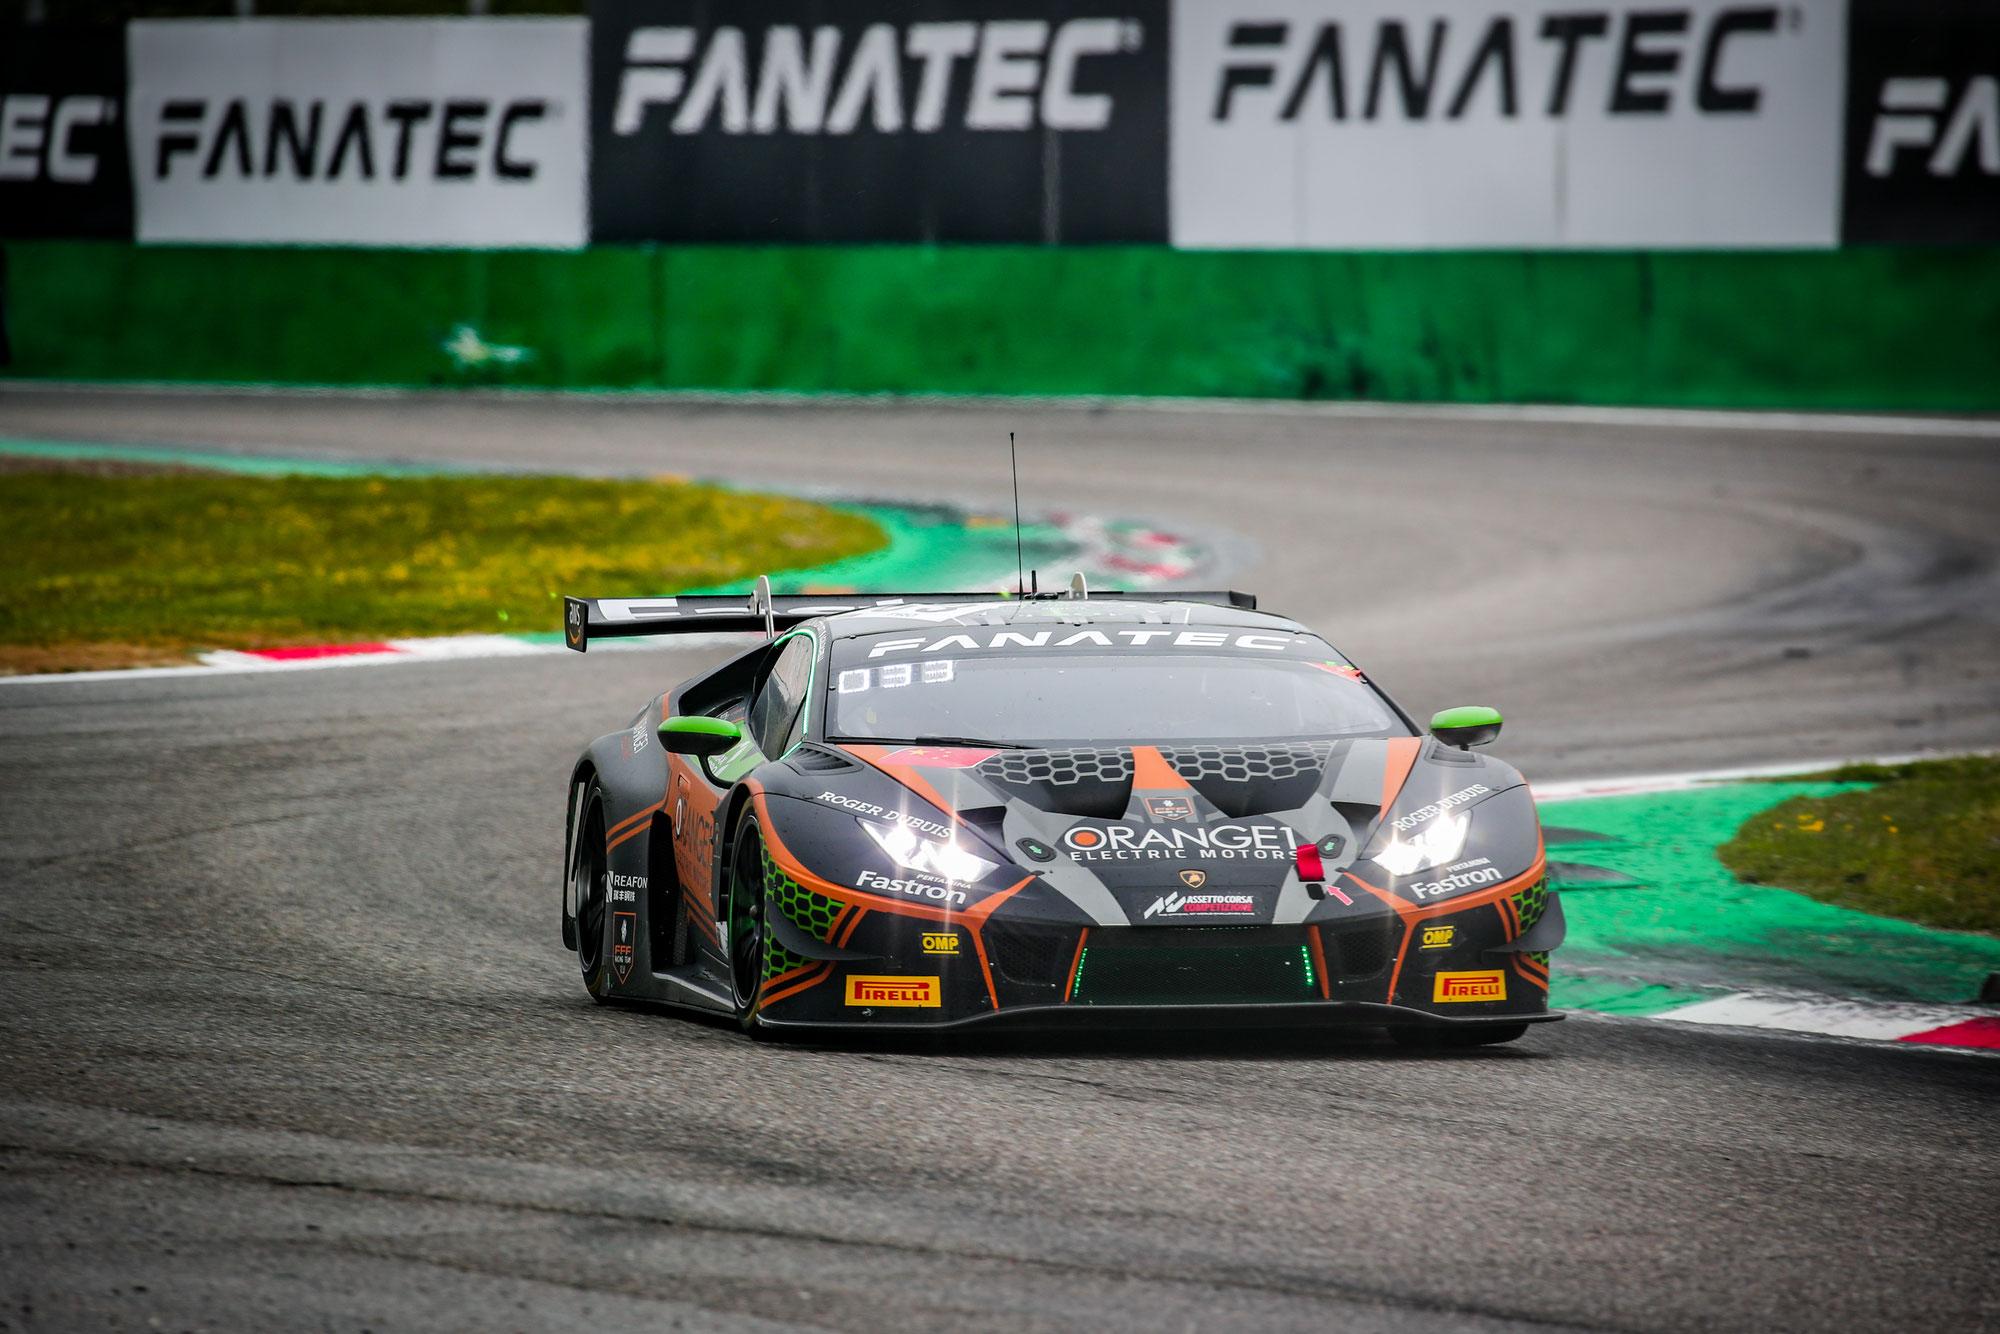 Orange1 FFF Racing stellt den #63 Lamborghini nach titanischem Qualifying-Kampf in Monza auf die Pole Position